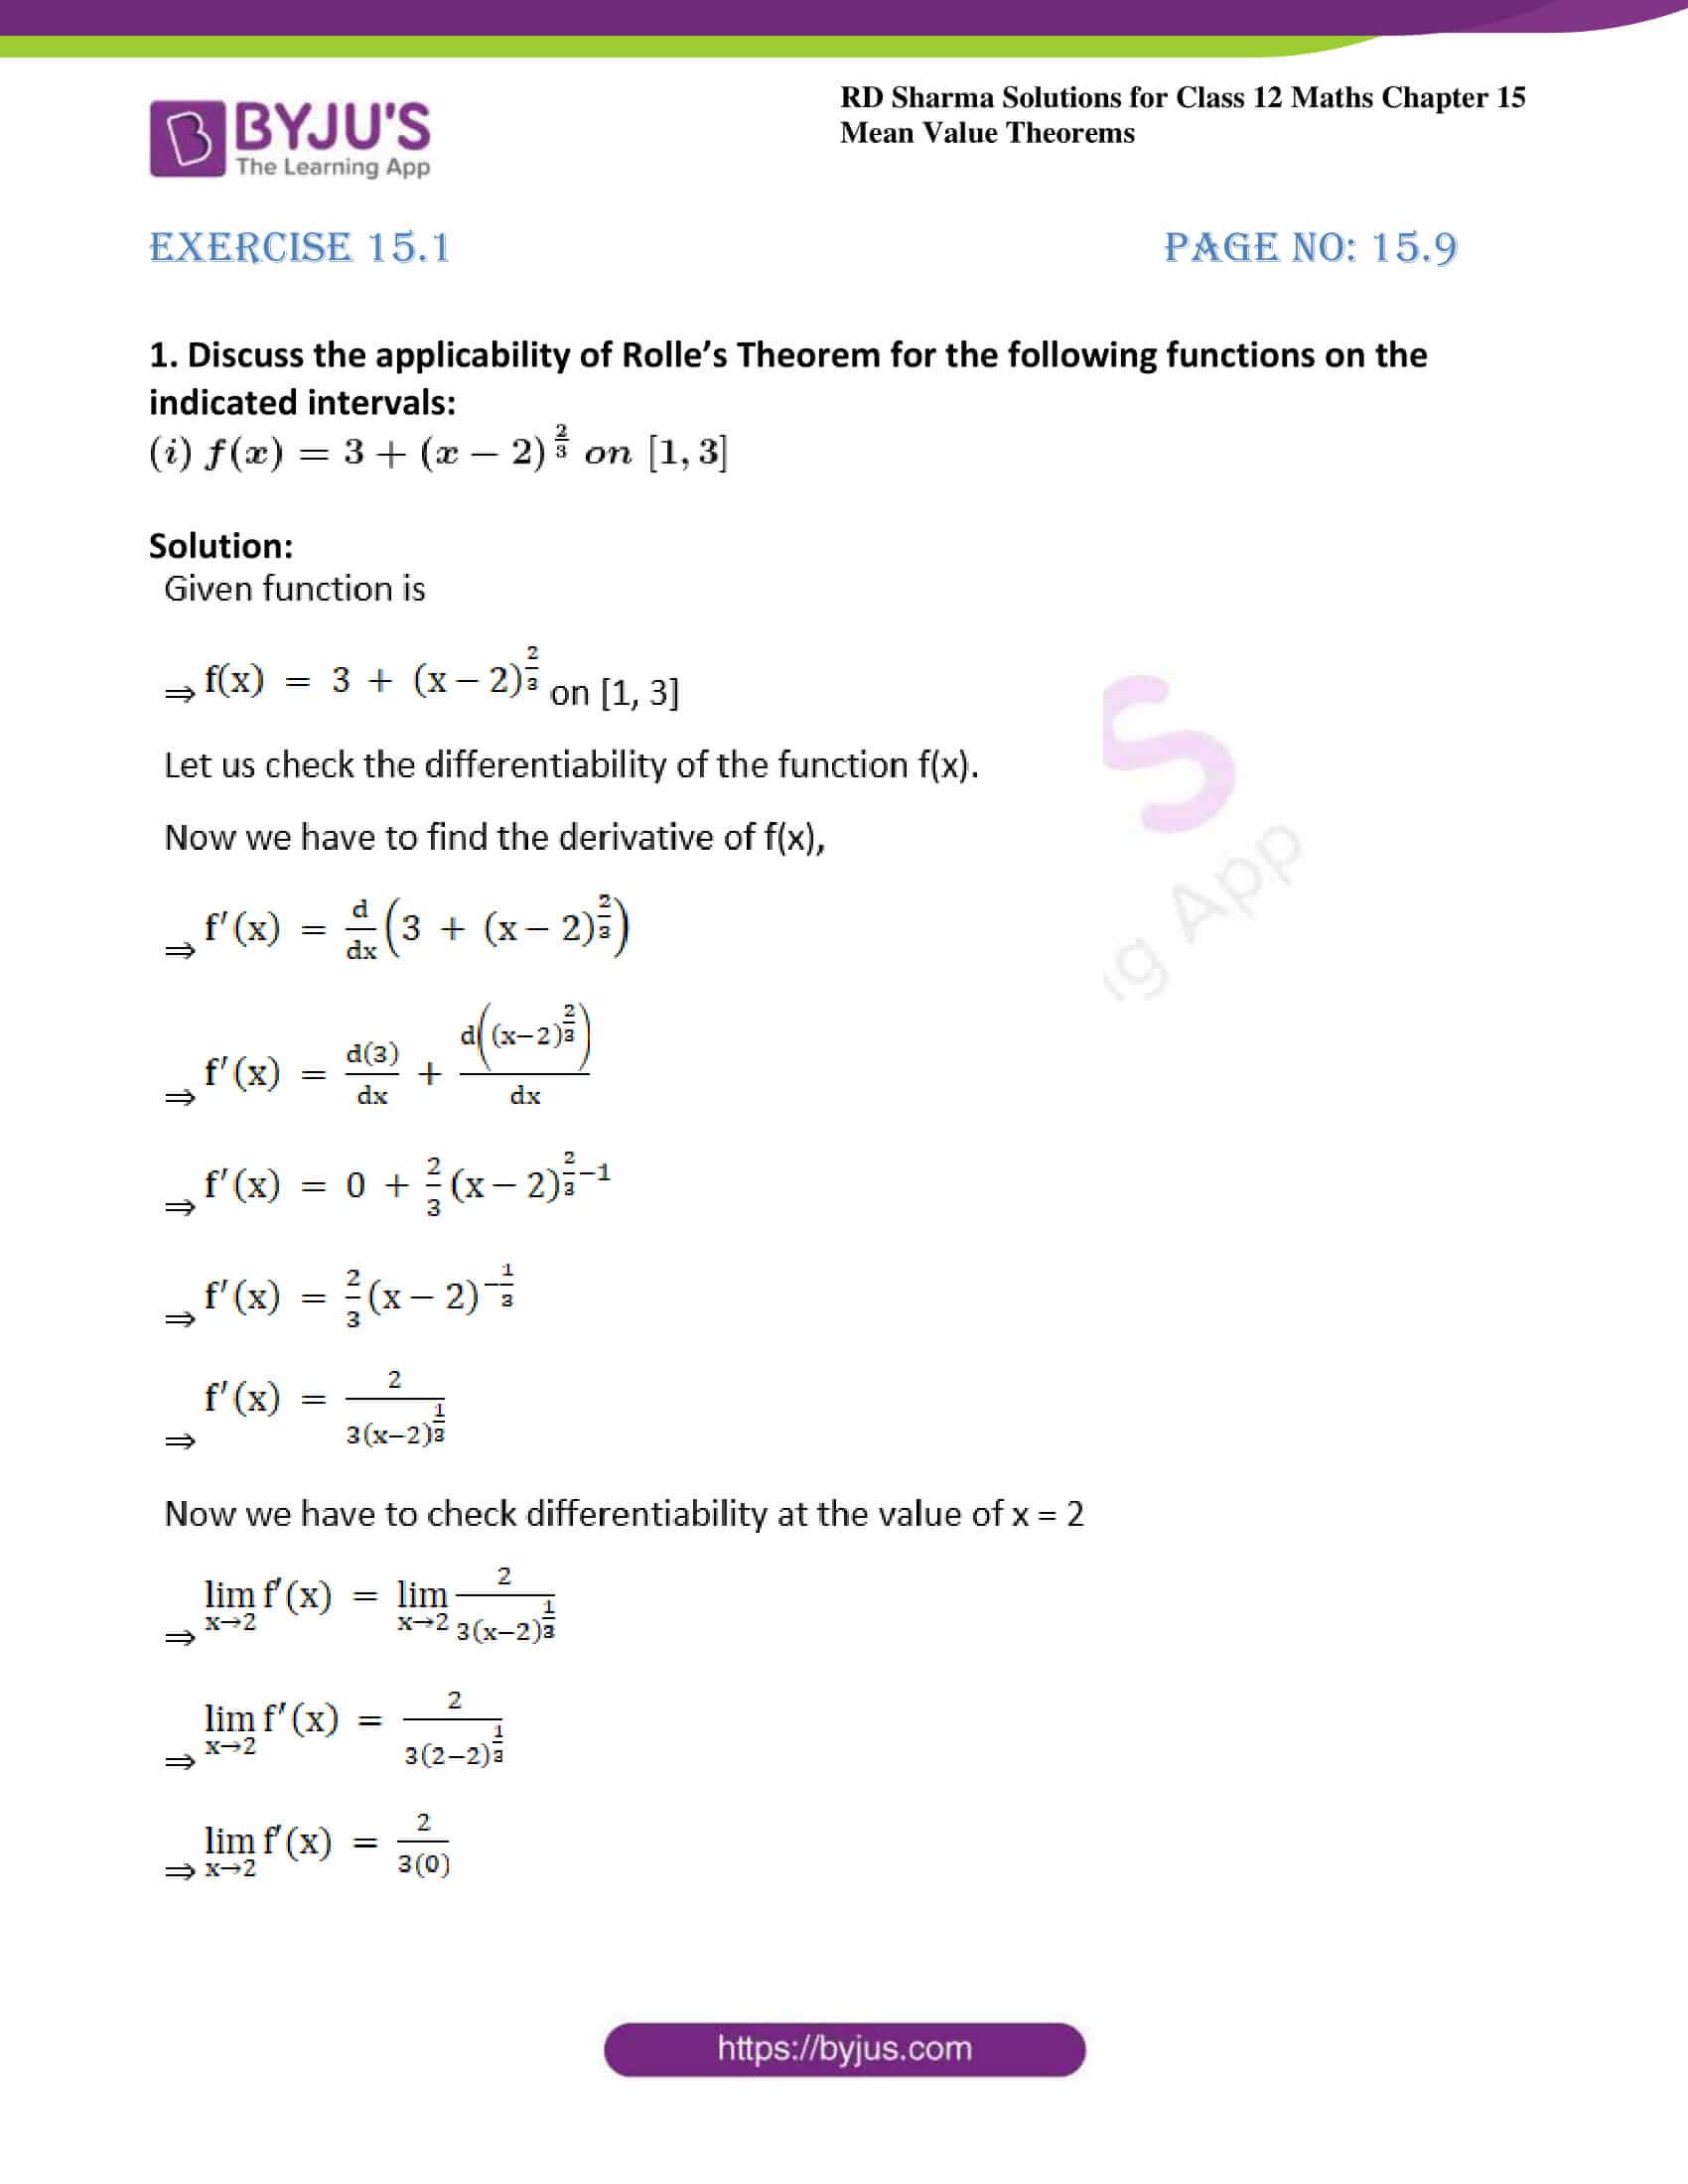 rd sharma class 12 maths solutions chapter 15 ex 1 01